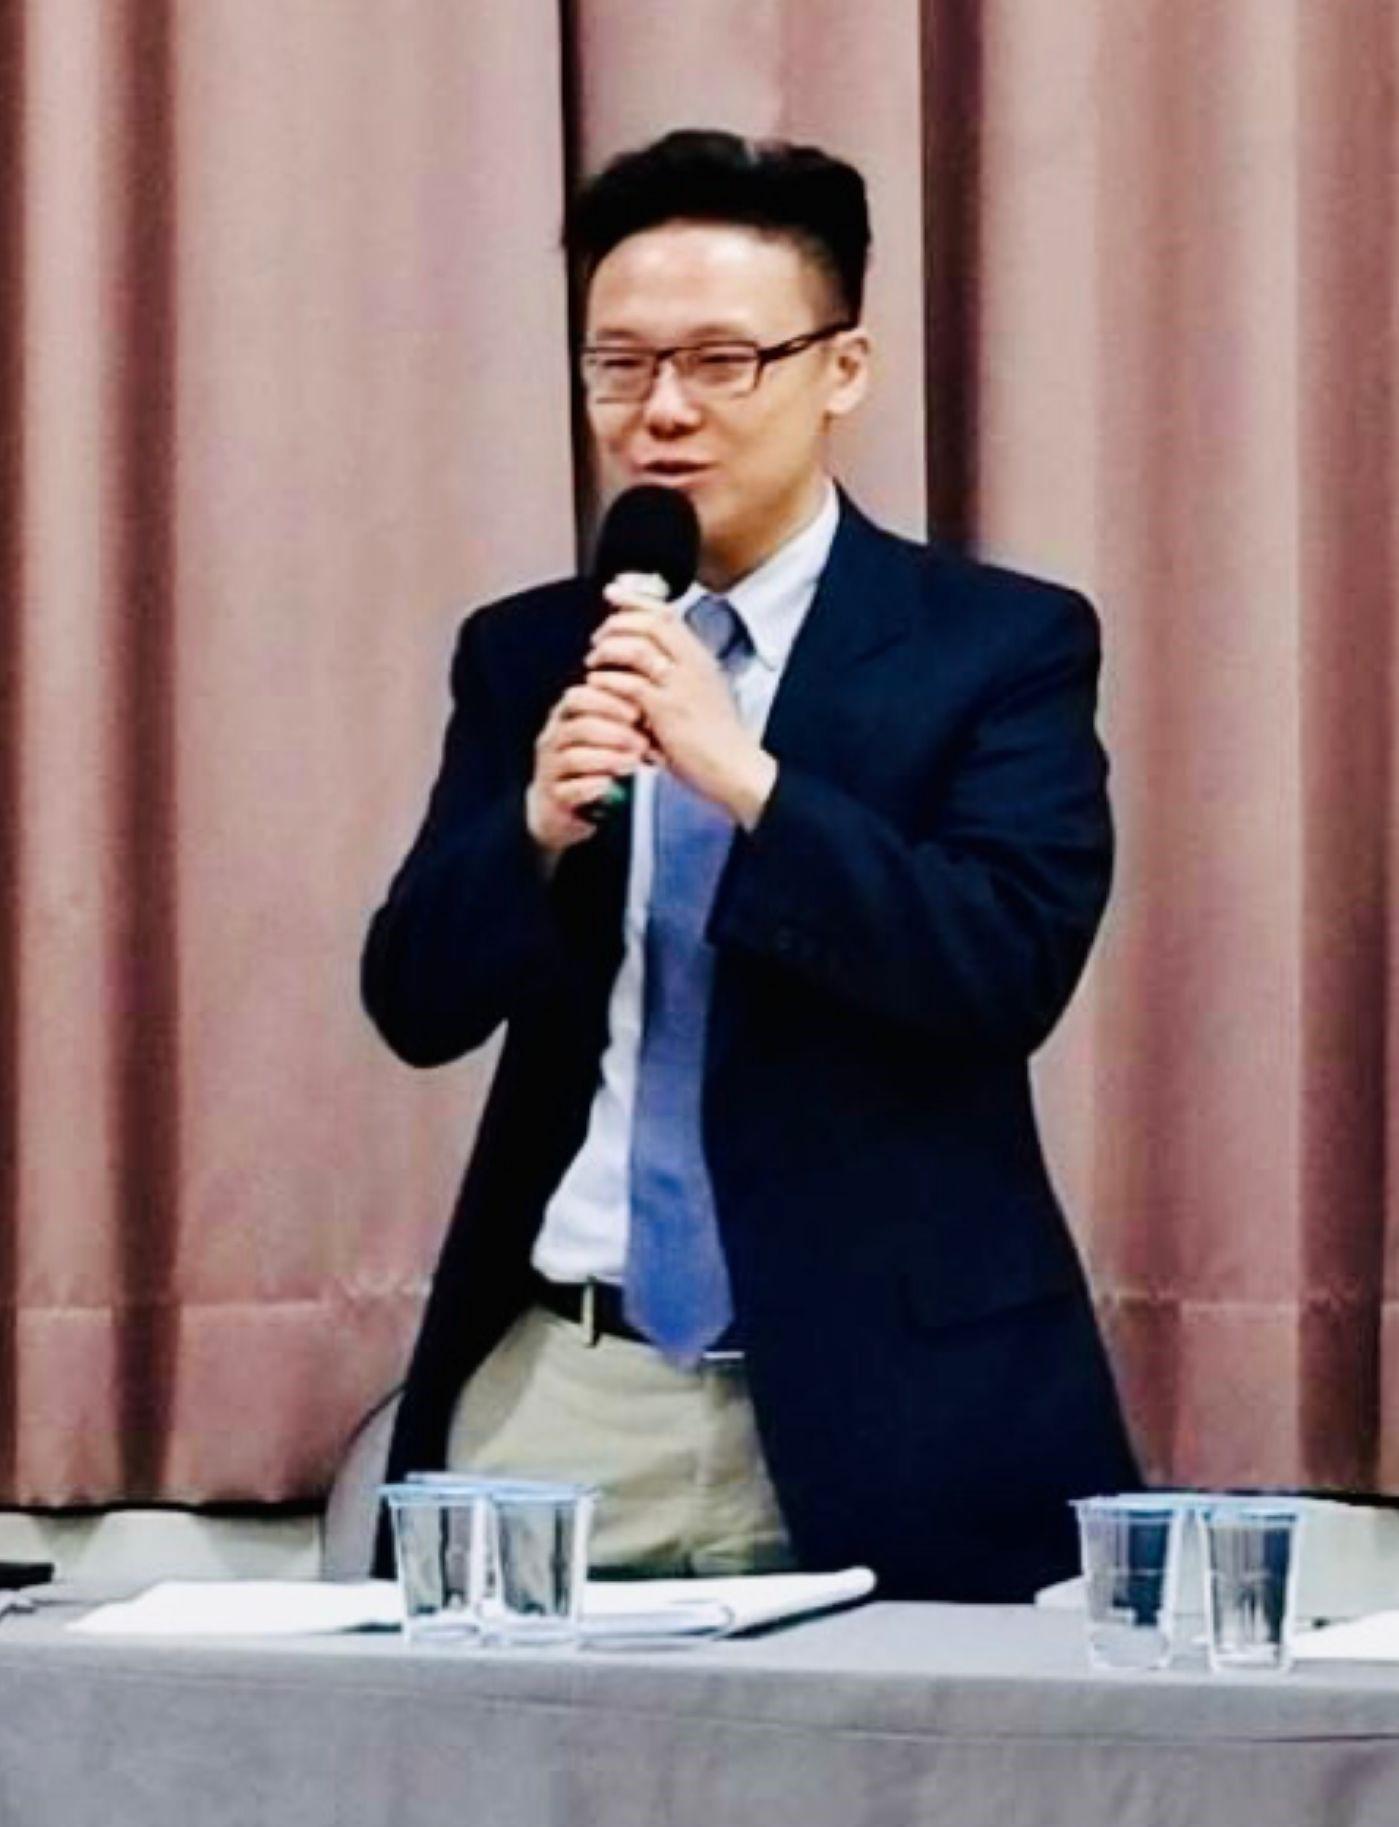 專欄作家 - 蔡季廷